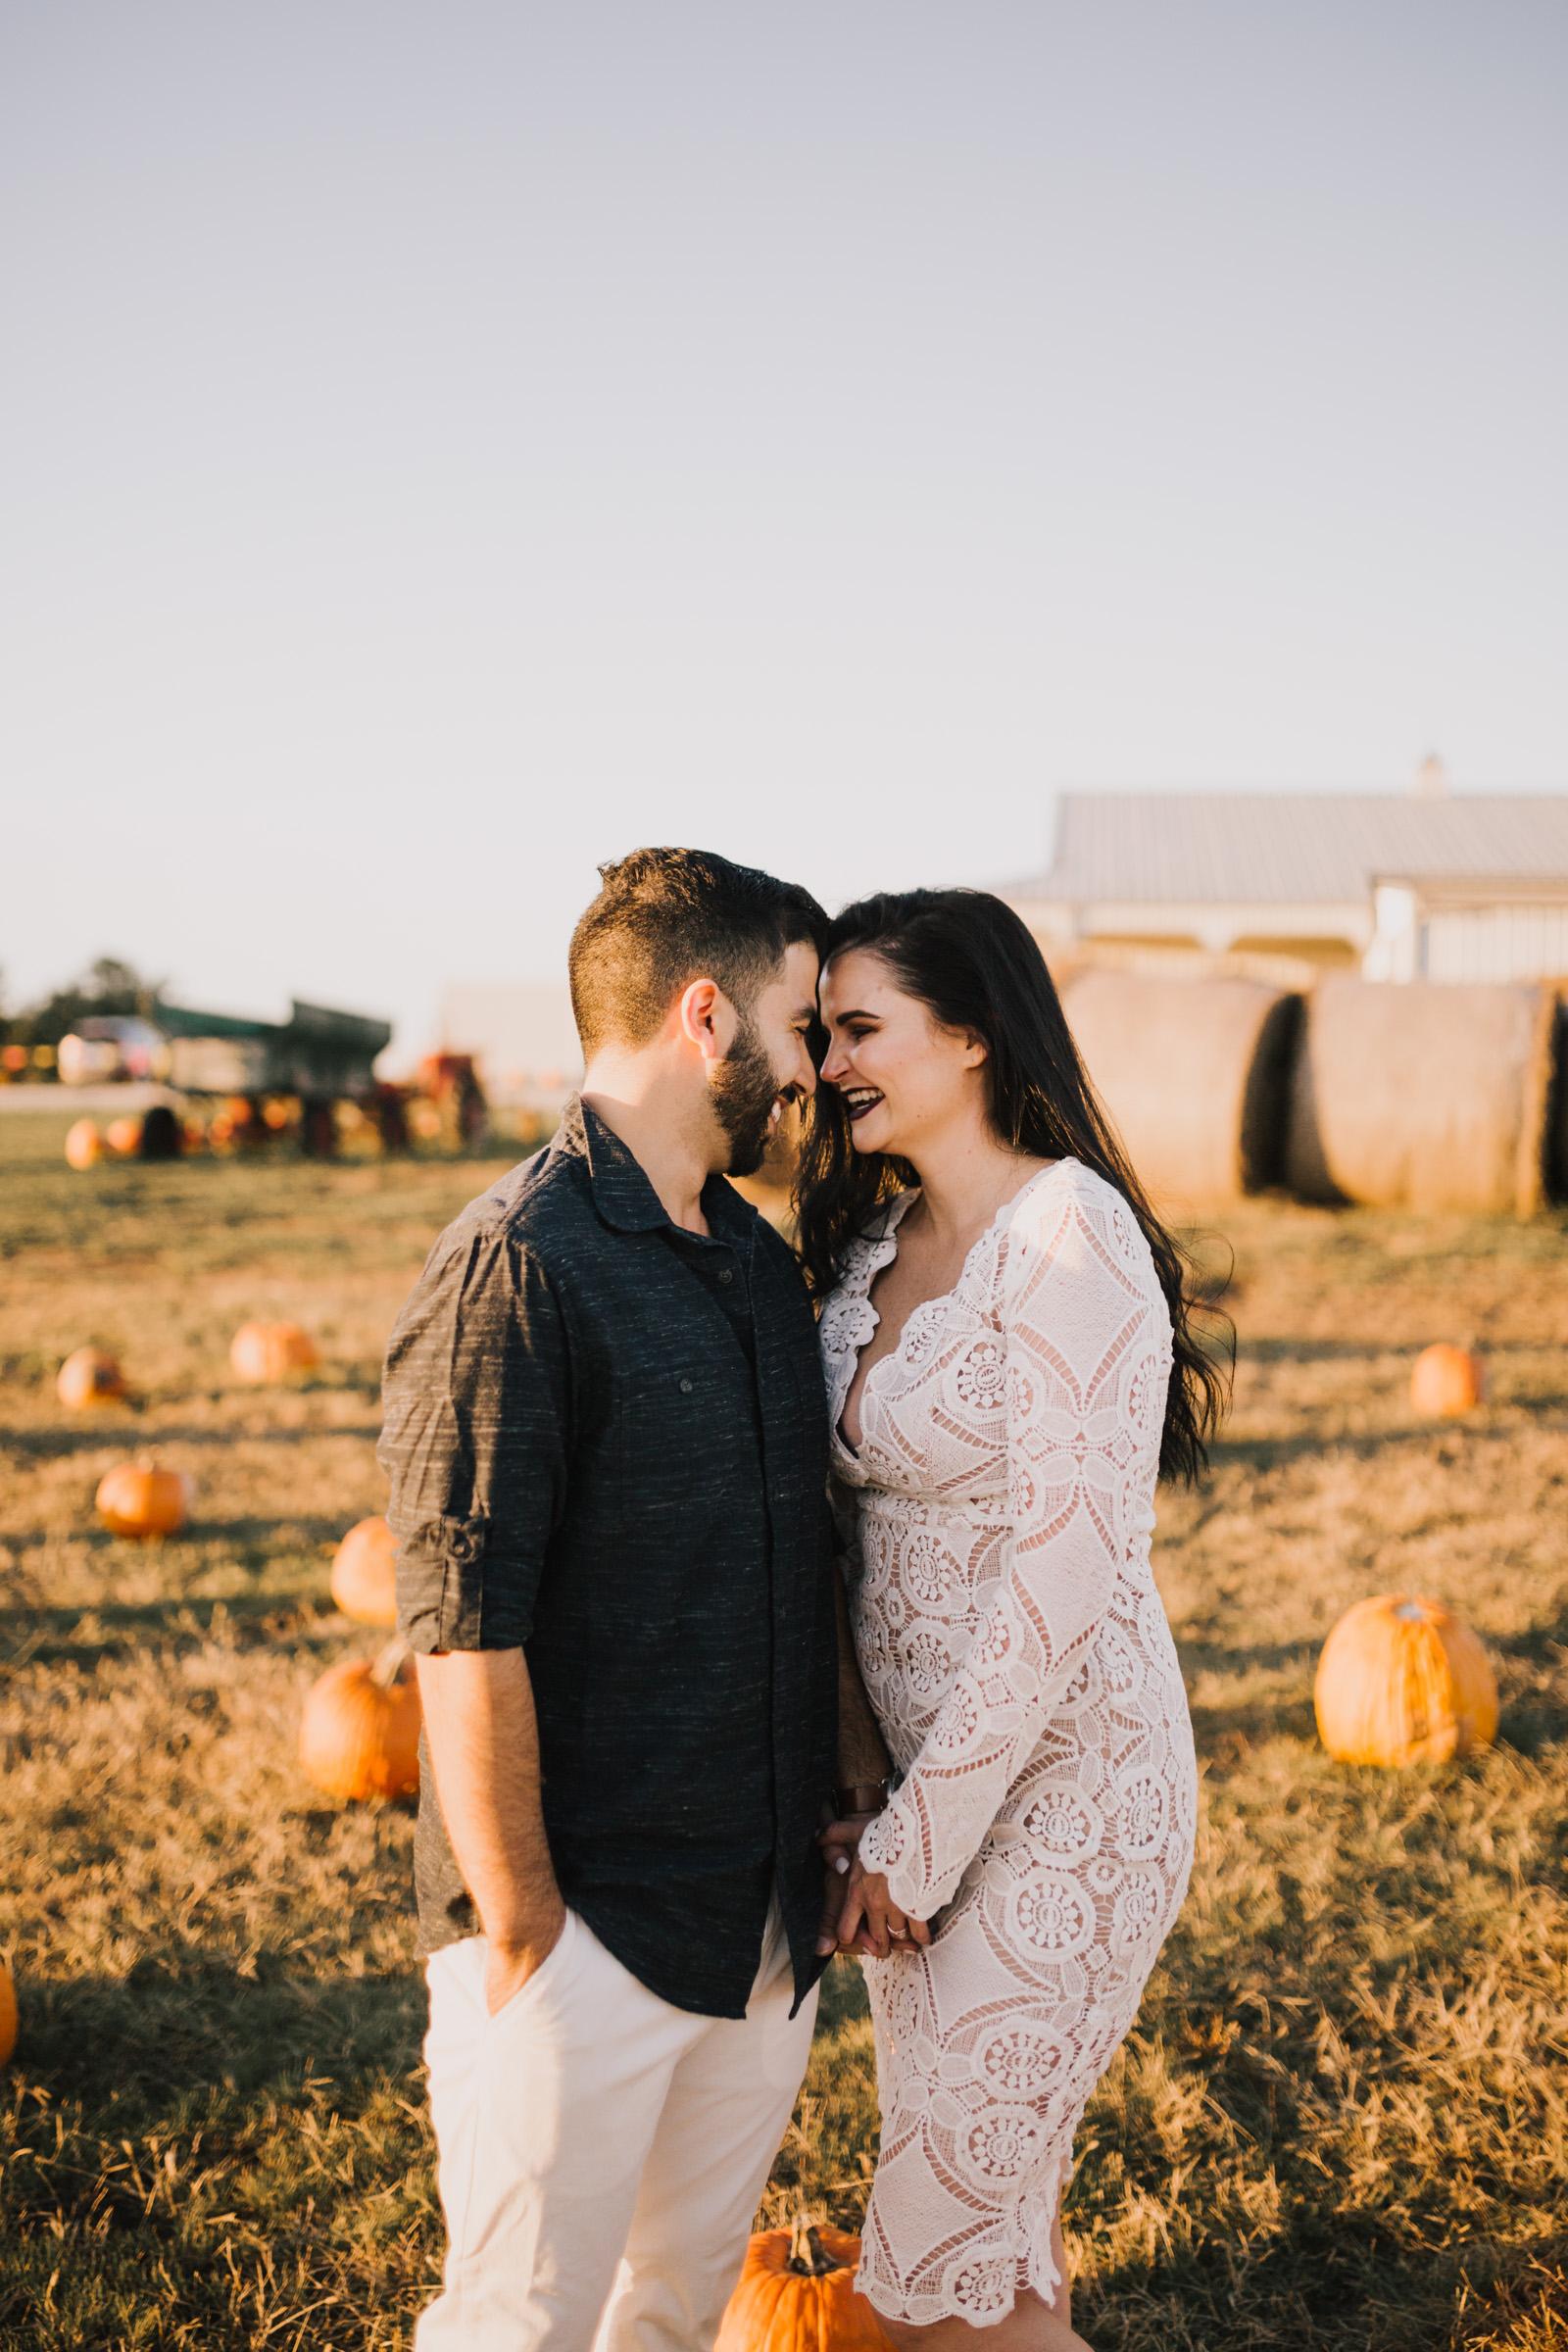 alyssa barletter photography fall pumpkin patch engagement photos sunset-14.jpg